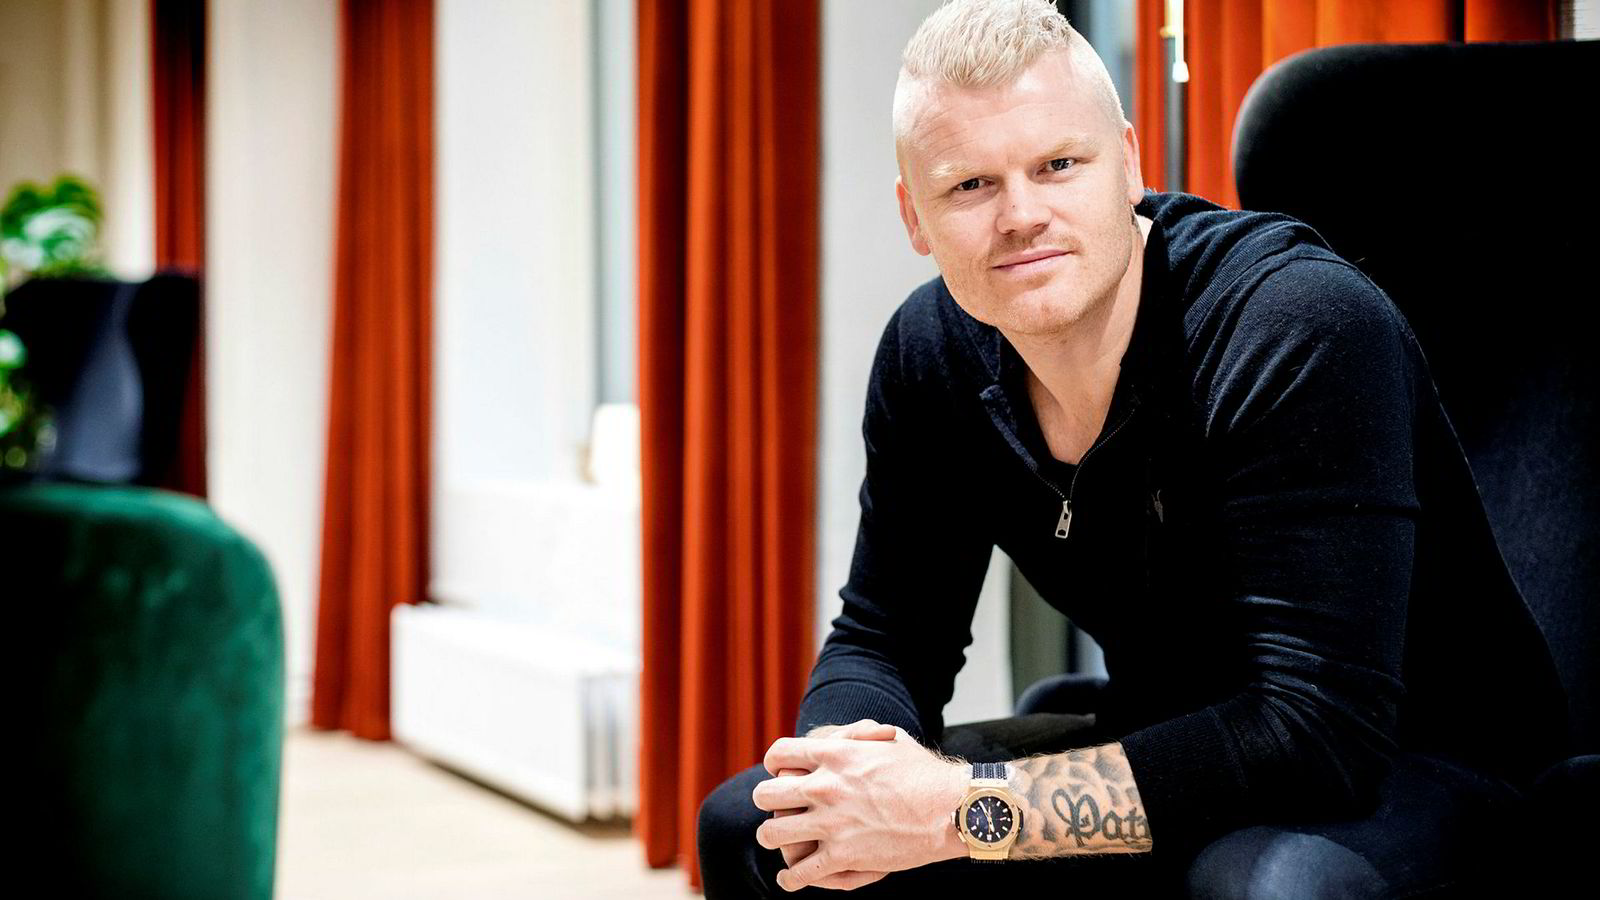 – Jeg inviterer Lotteritilsynet til en debatt om dobbeltmoralisme og menneskerettigheter, sier tidligere fotballspiller John Arne Riise.